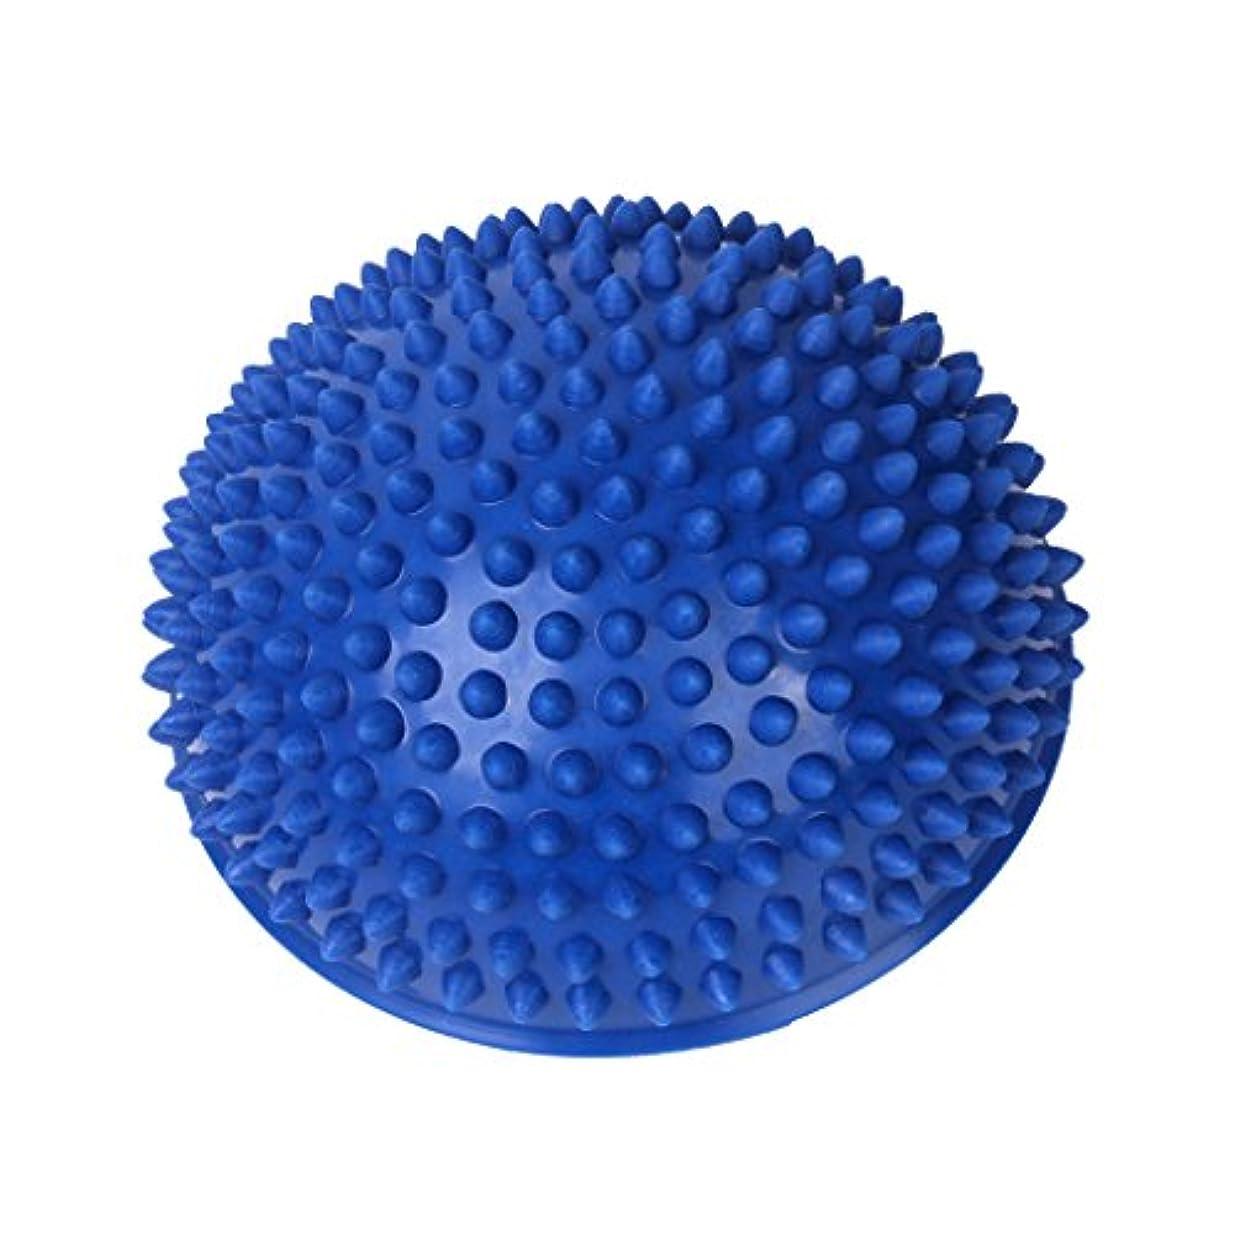 着るよろめく倍率Footful マッサージボール 半球 健康グッズ 健康器具 血液循環促進 緊張緩和 ブルー